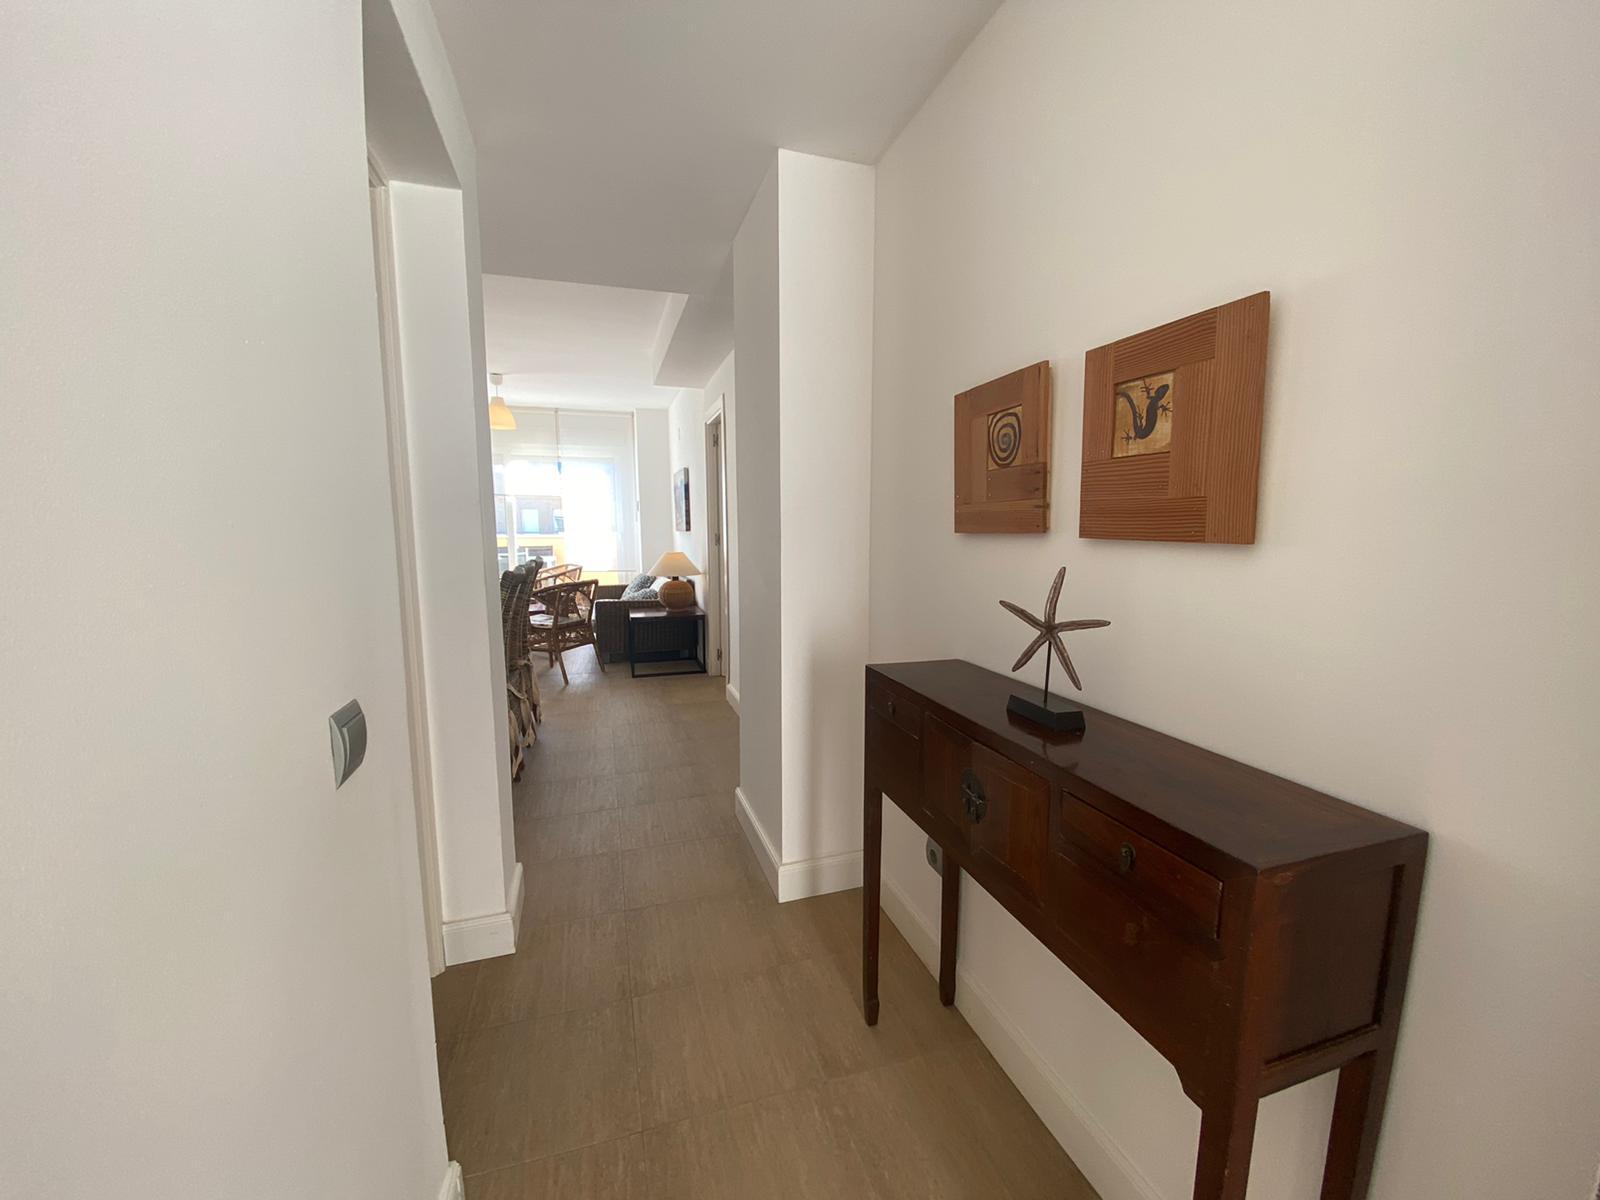 Imagen 4 del Apartamento Turístico, Ático 7 Levante (3d +2b), Punta del Moral (HUELVA), Paseo de la Cruz nº22